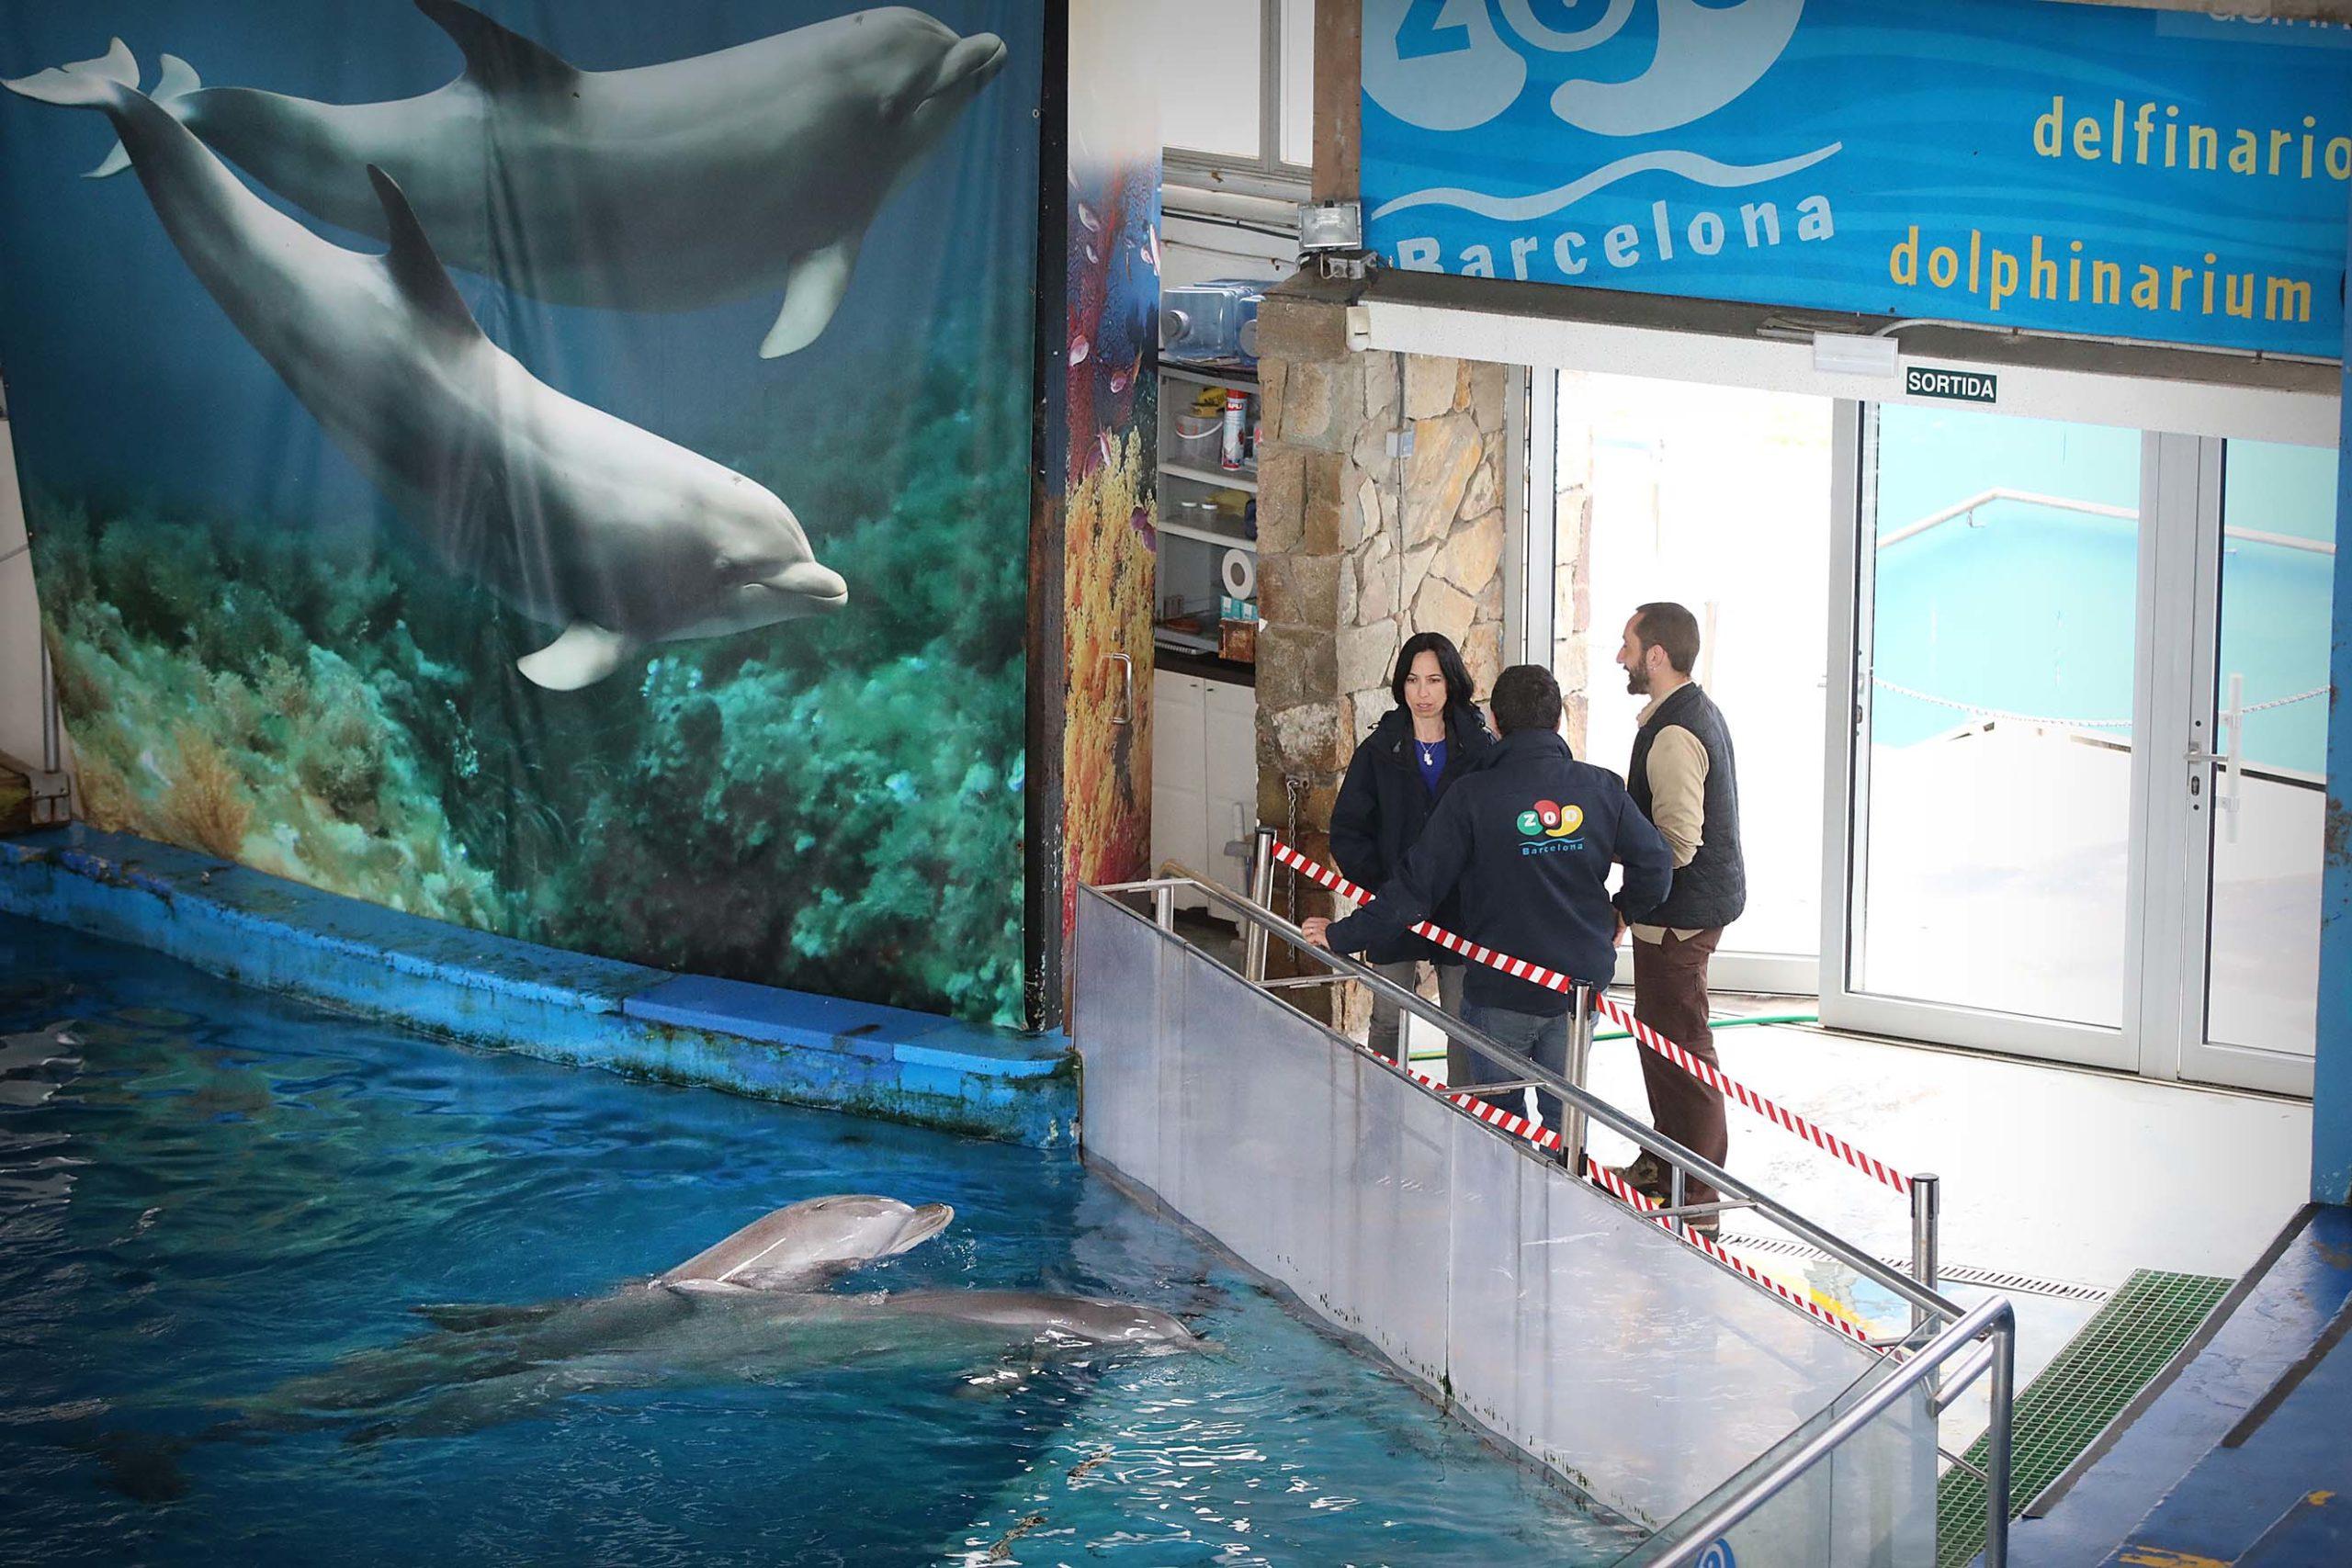 Tres cuidadors i dos dofins al delfinari de Barcelona, aquest febrer / Jordi Play